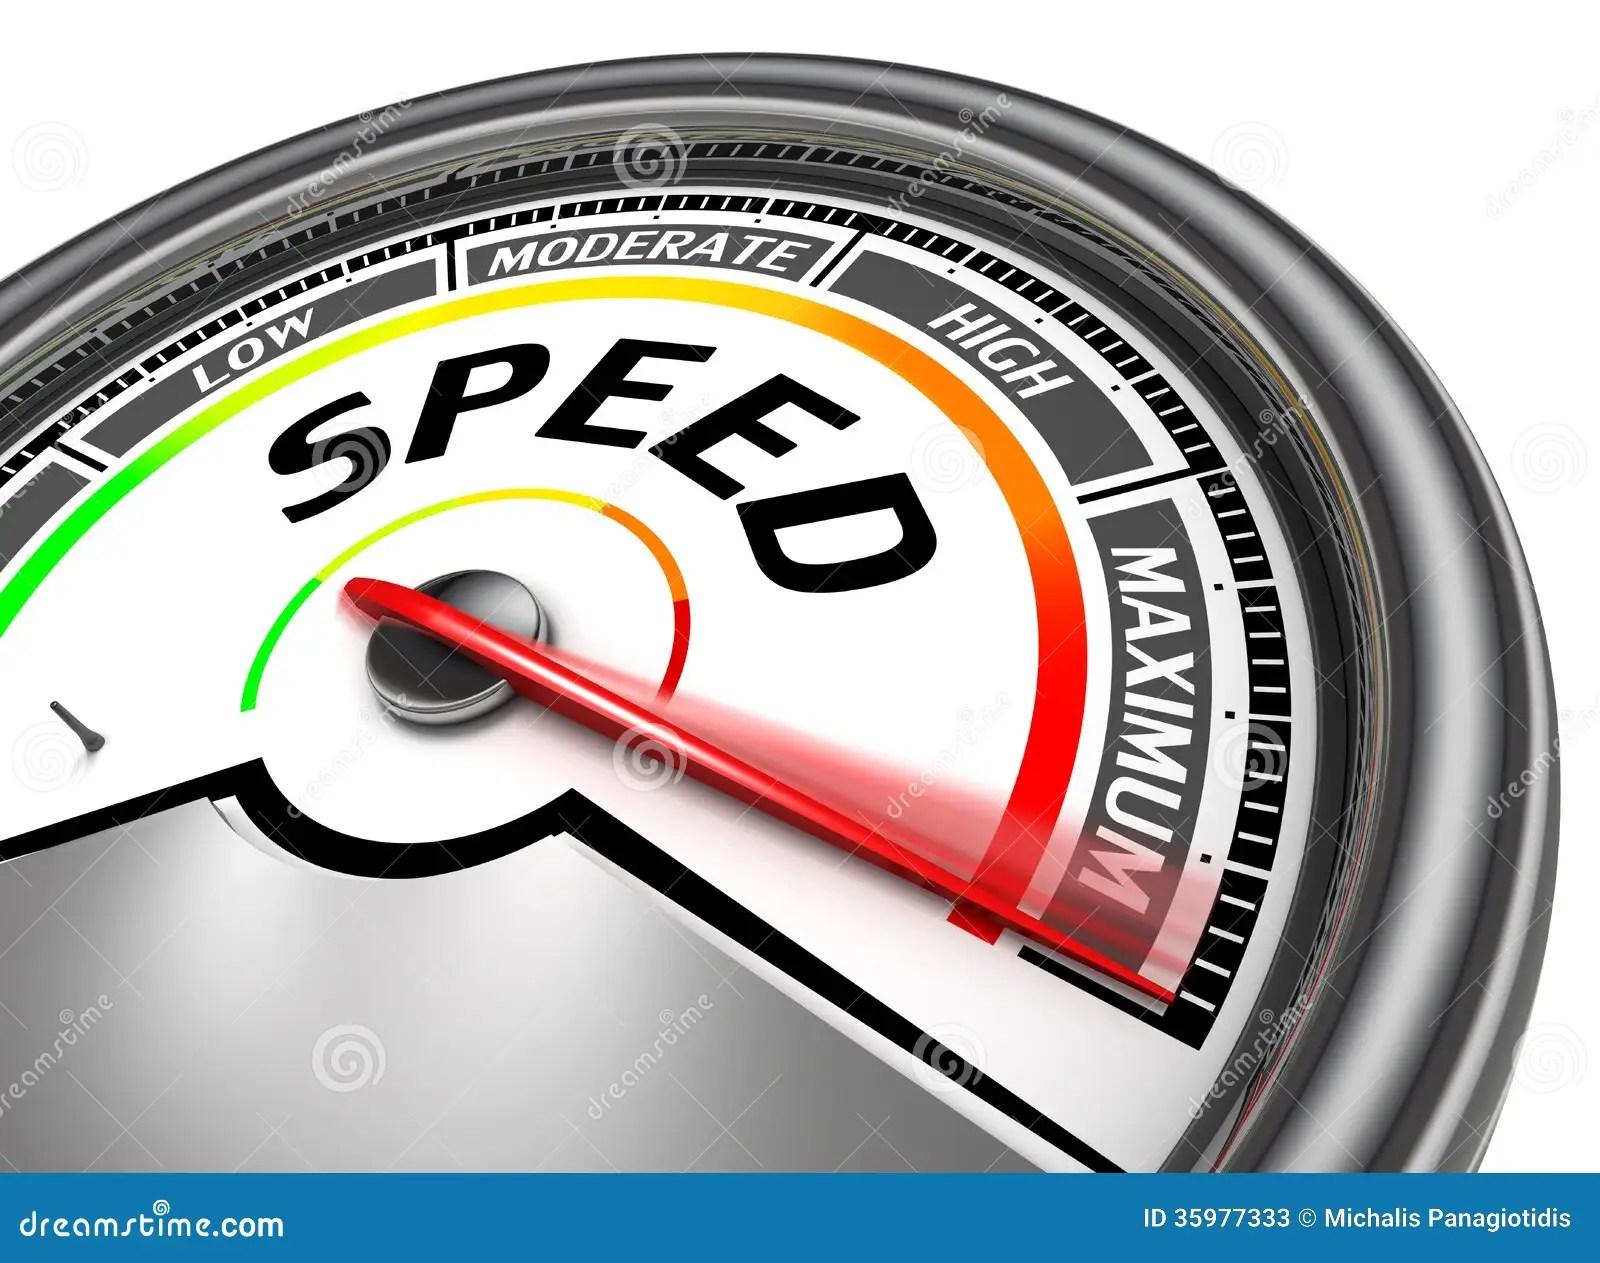 Image Result For Internet Speed Gauge